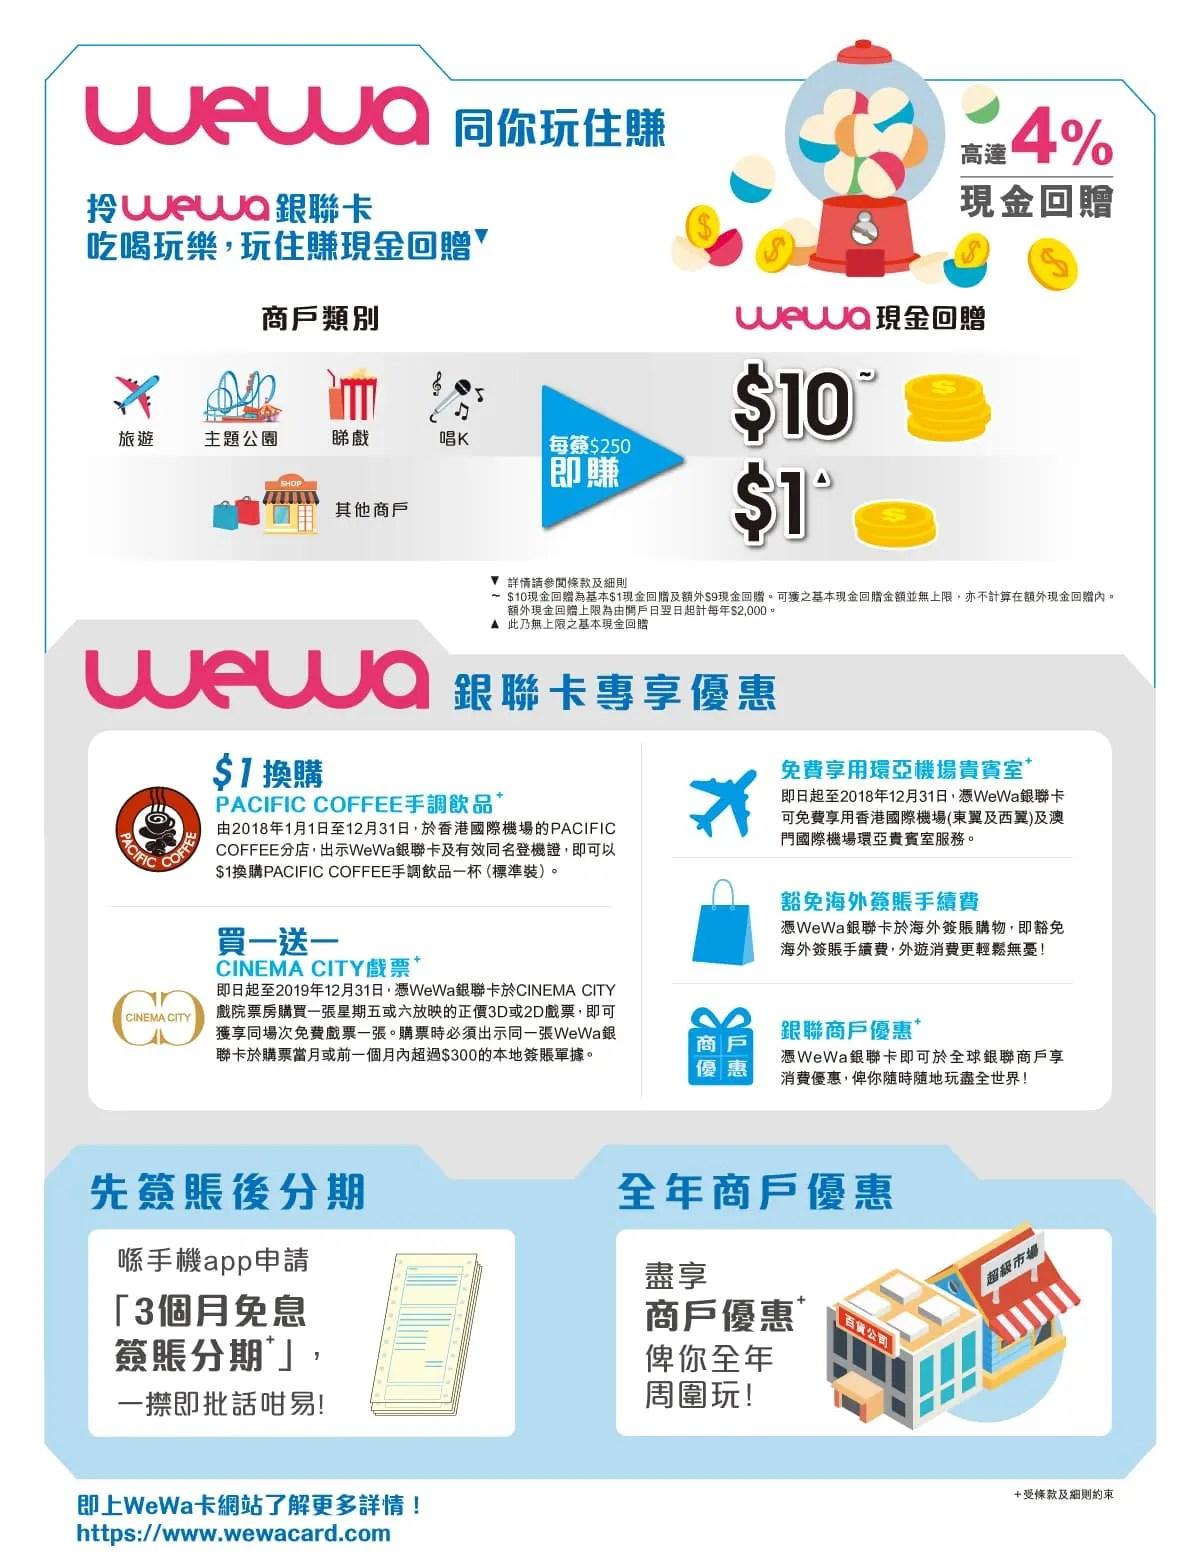 網上即批WeWa信用卡/0手續費套現/現金回饋HK$500/ZUJI機票酒店/免費入機場貴賓室 – Today is Holiday旅行情報網